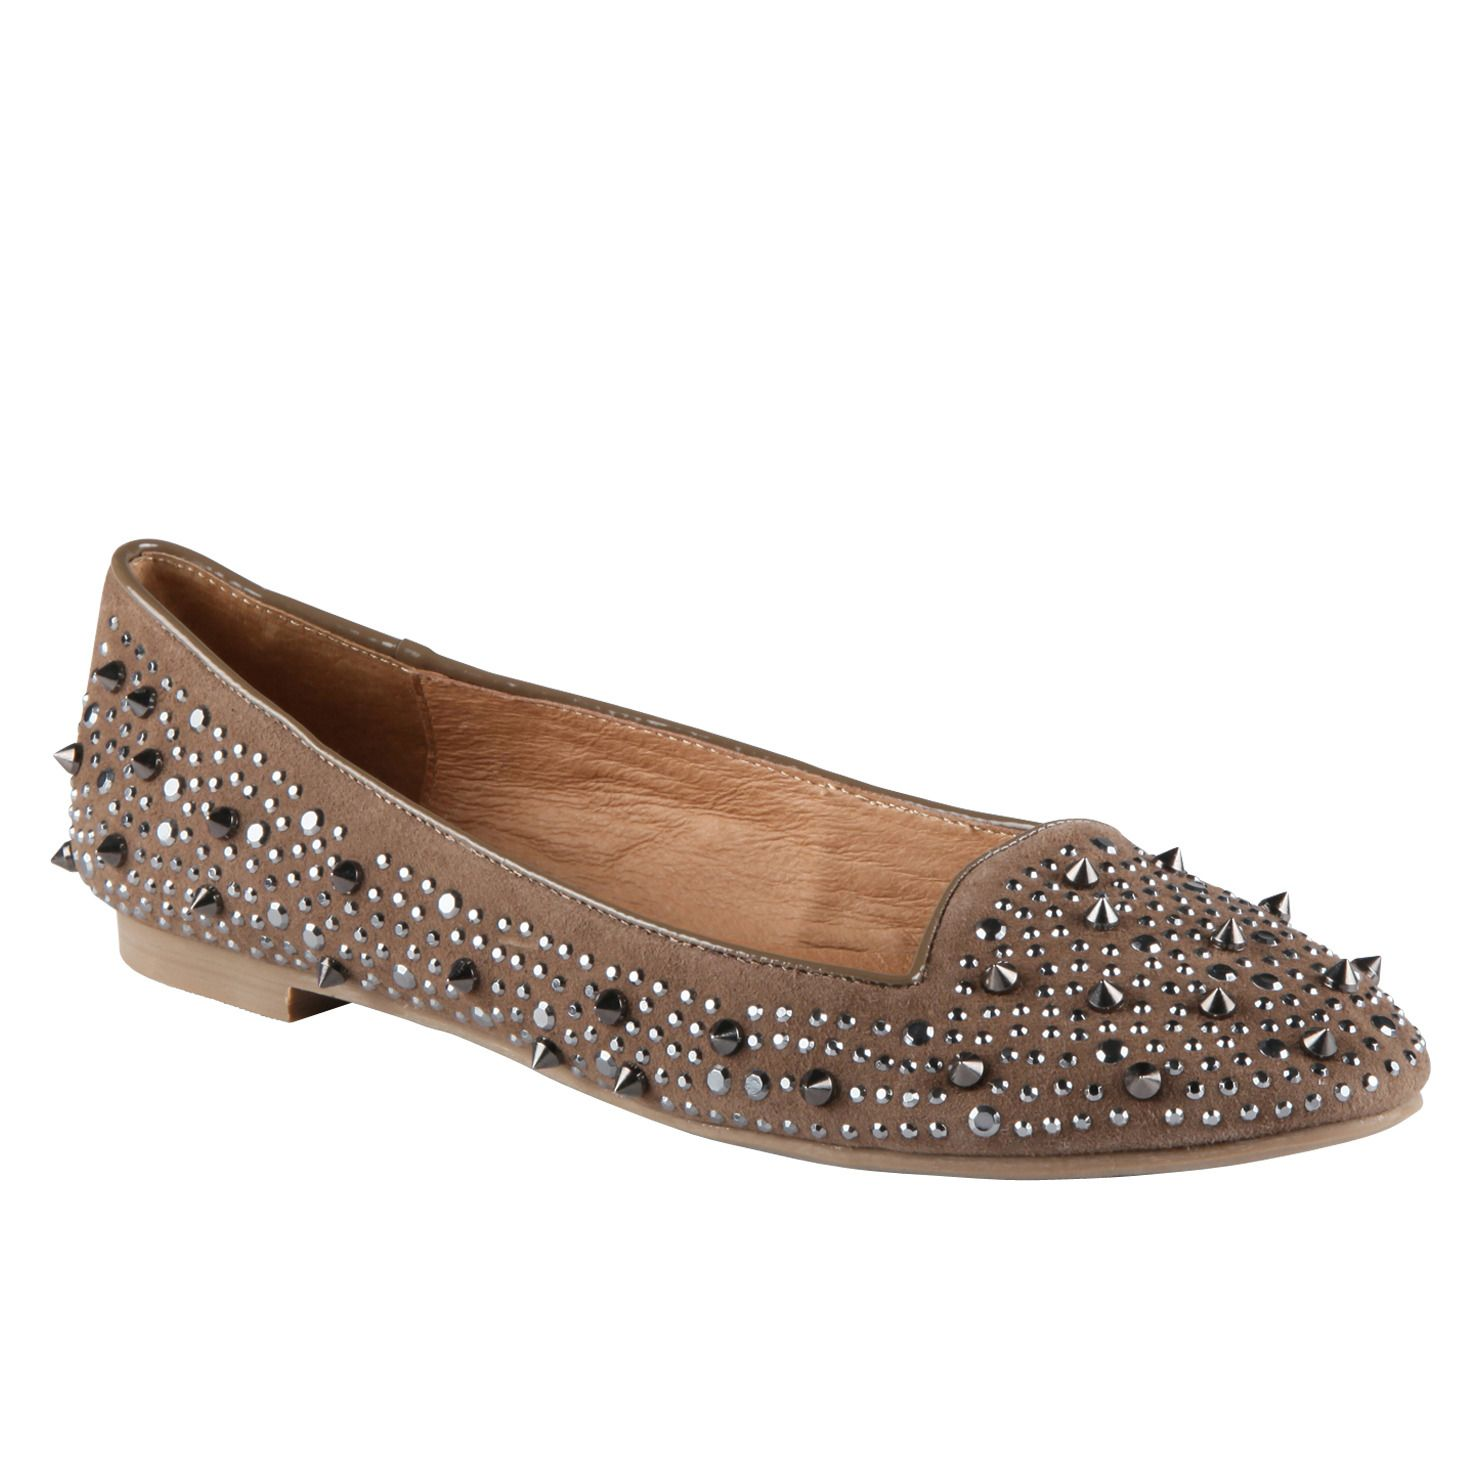 aldo women shoes sale